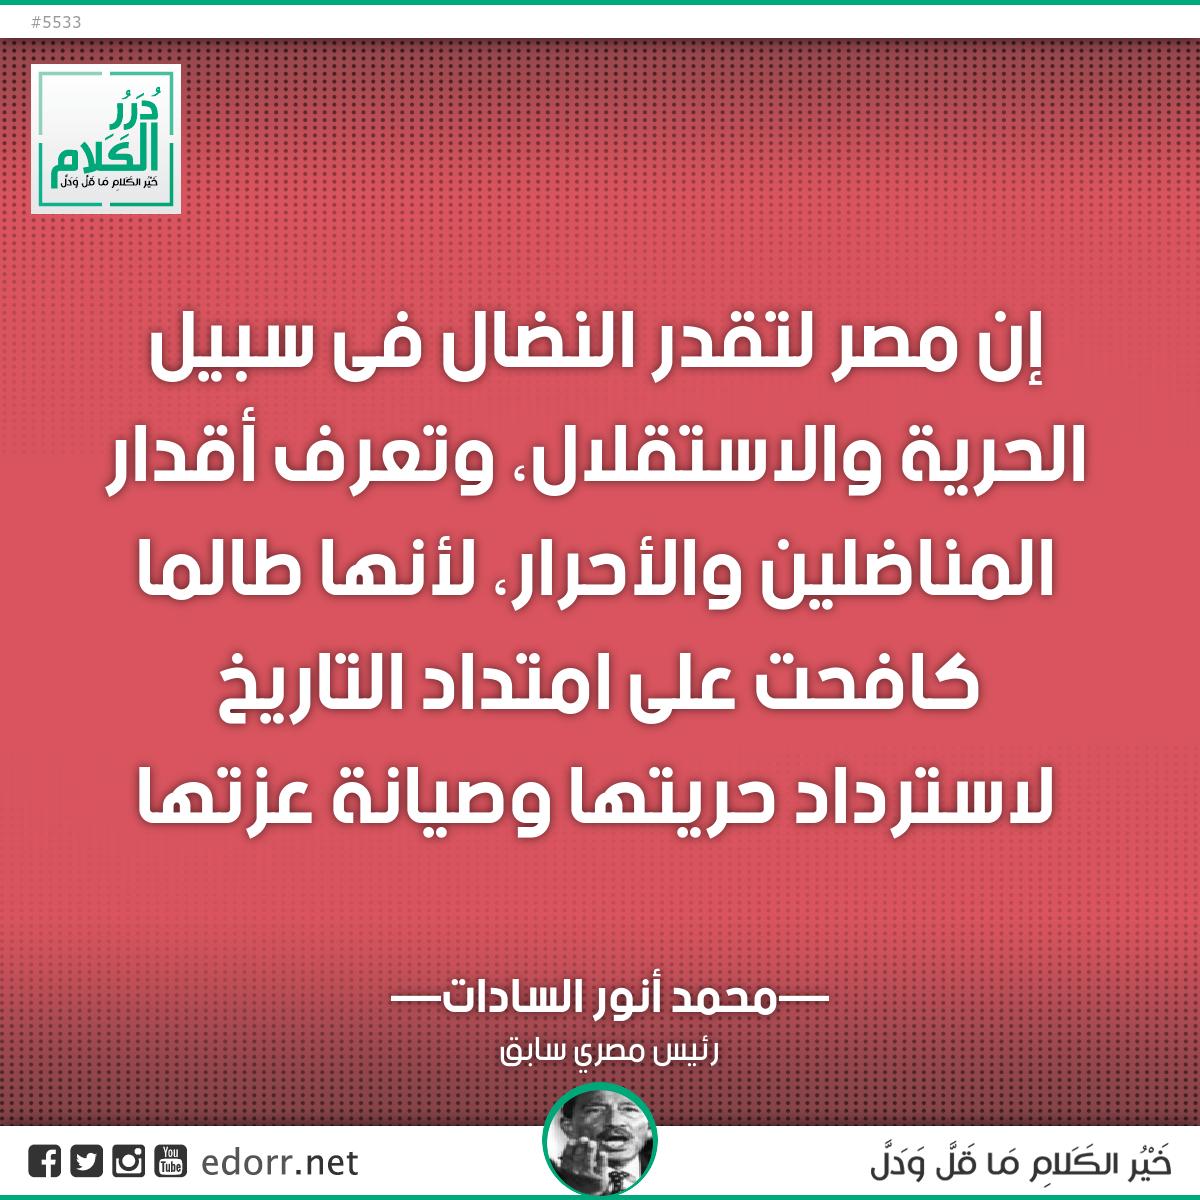 إن مصر لتقدر النضال فى سبيل الحرية والاستقلال، وتعرف أقدار المناضلين والأحرار، لأنها طالما كافحت على امتداد التاريخ لاسترداد حريتها وصيانة عزتها.